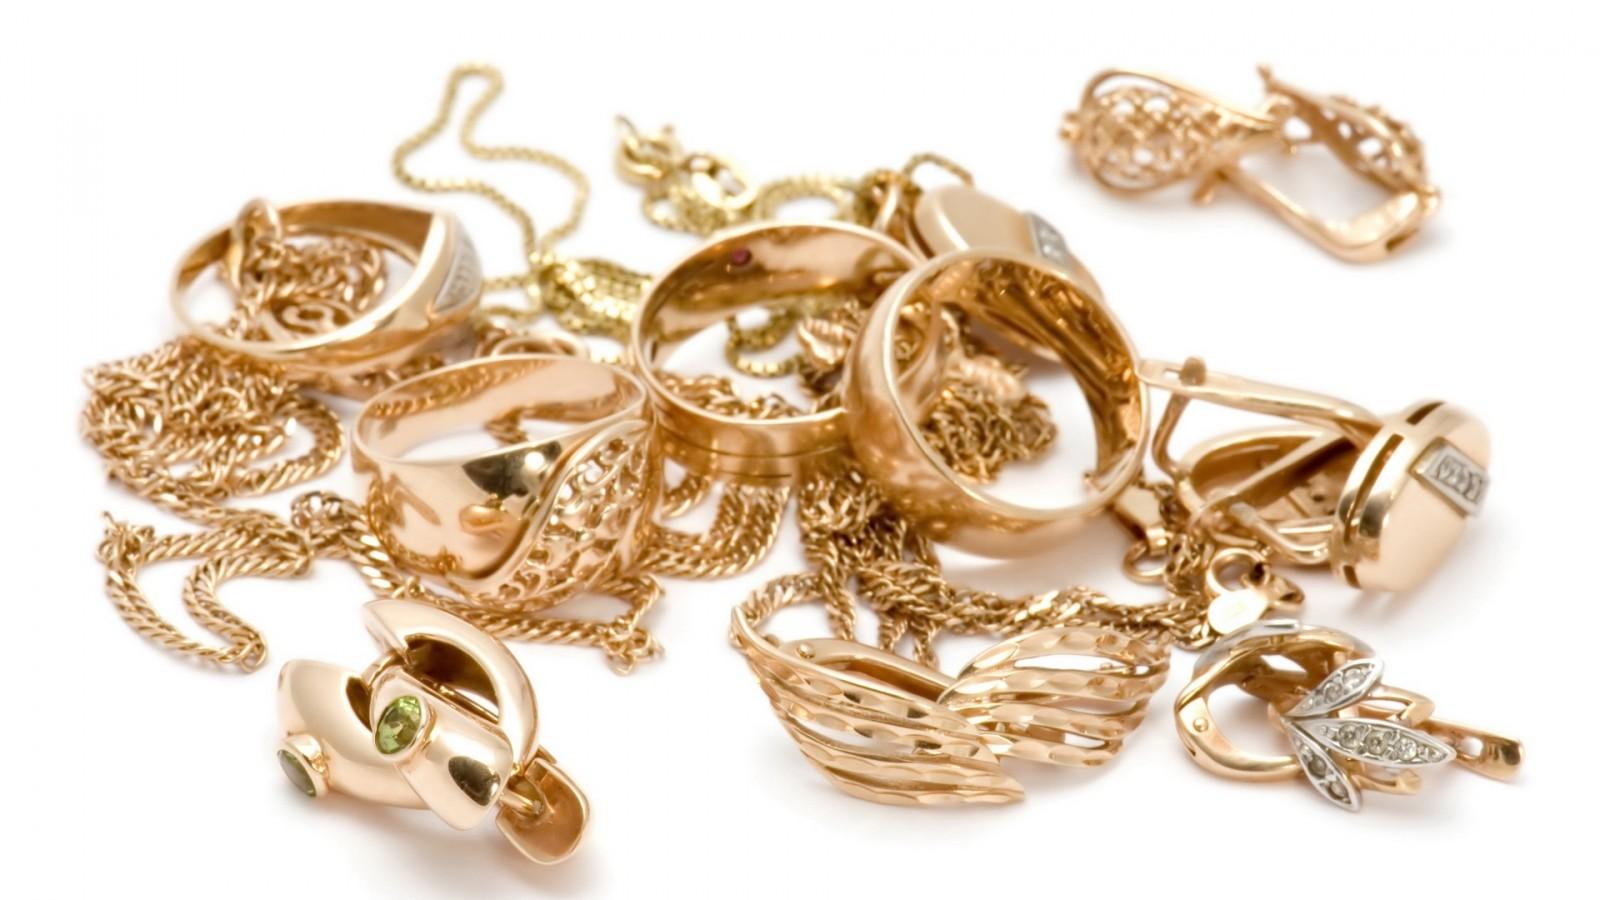 سيدة تنسى مجوهرات ممثلة عالمية في الطائرة بقيمة ملايين الدولارات